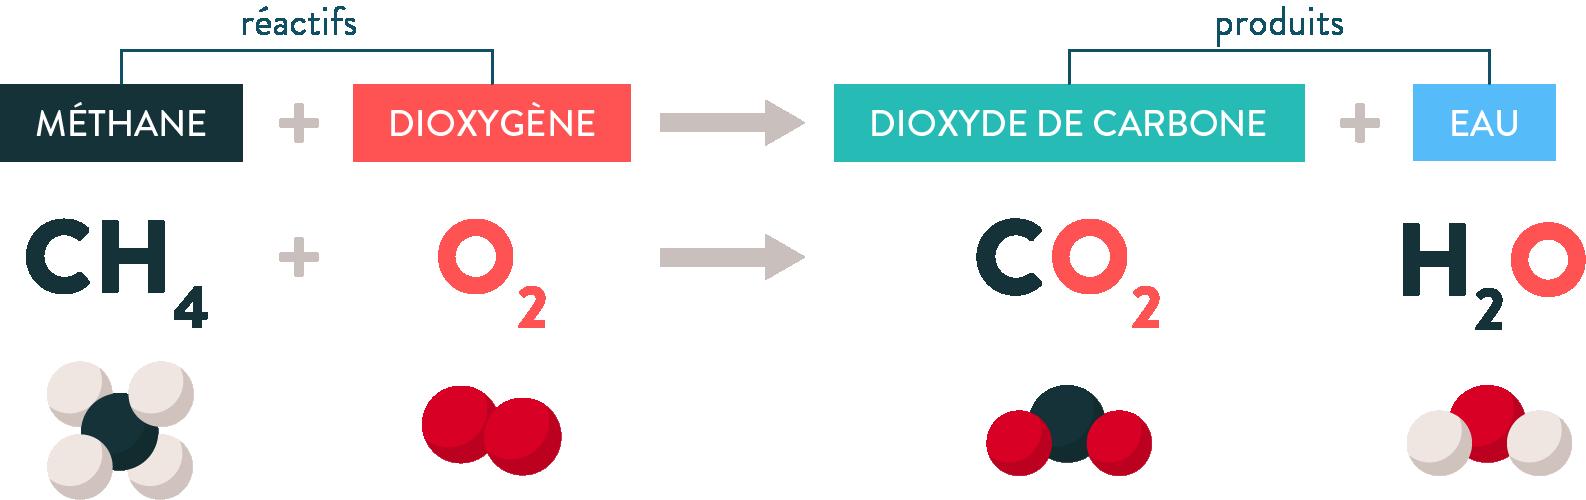 CH4+O2+CO2+H2O